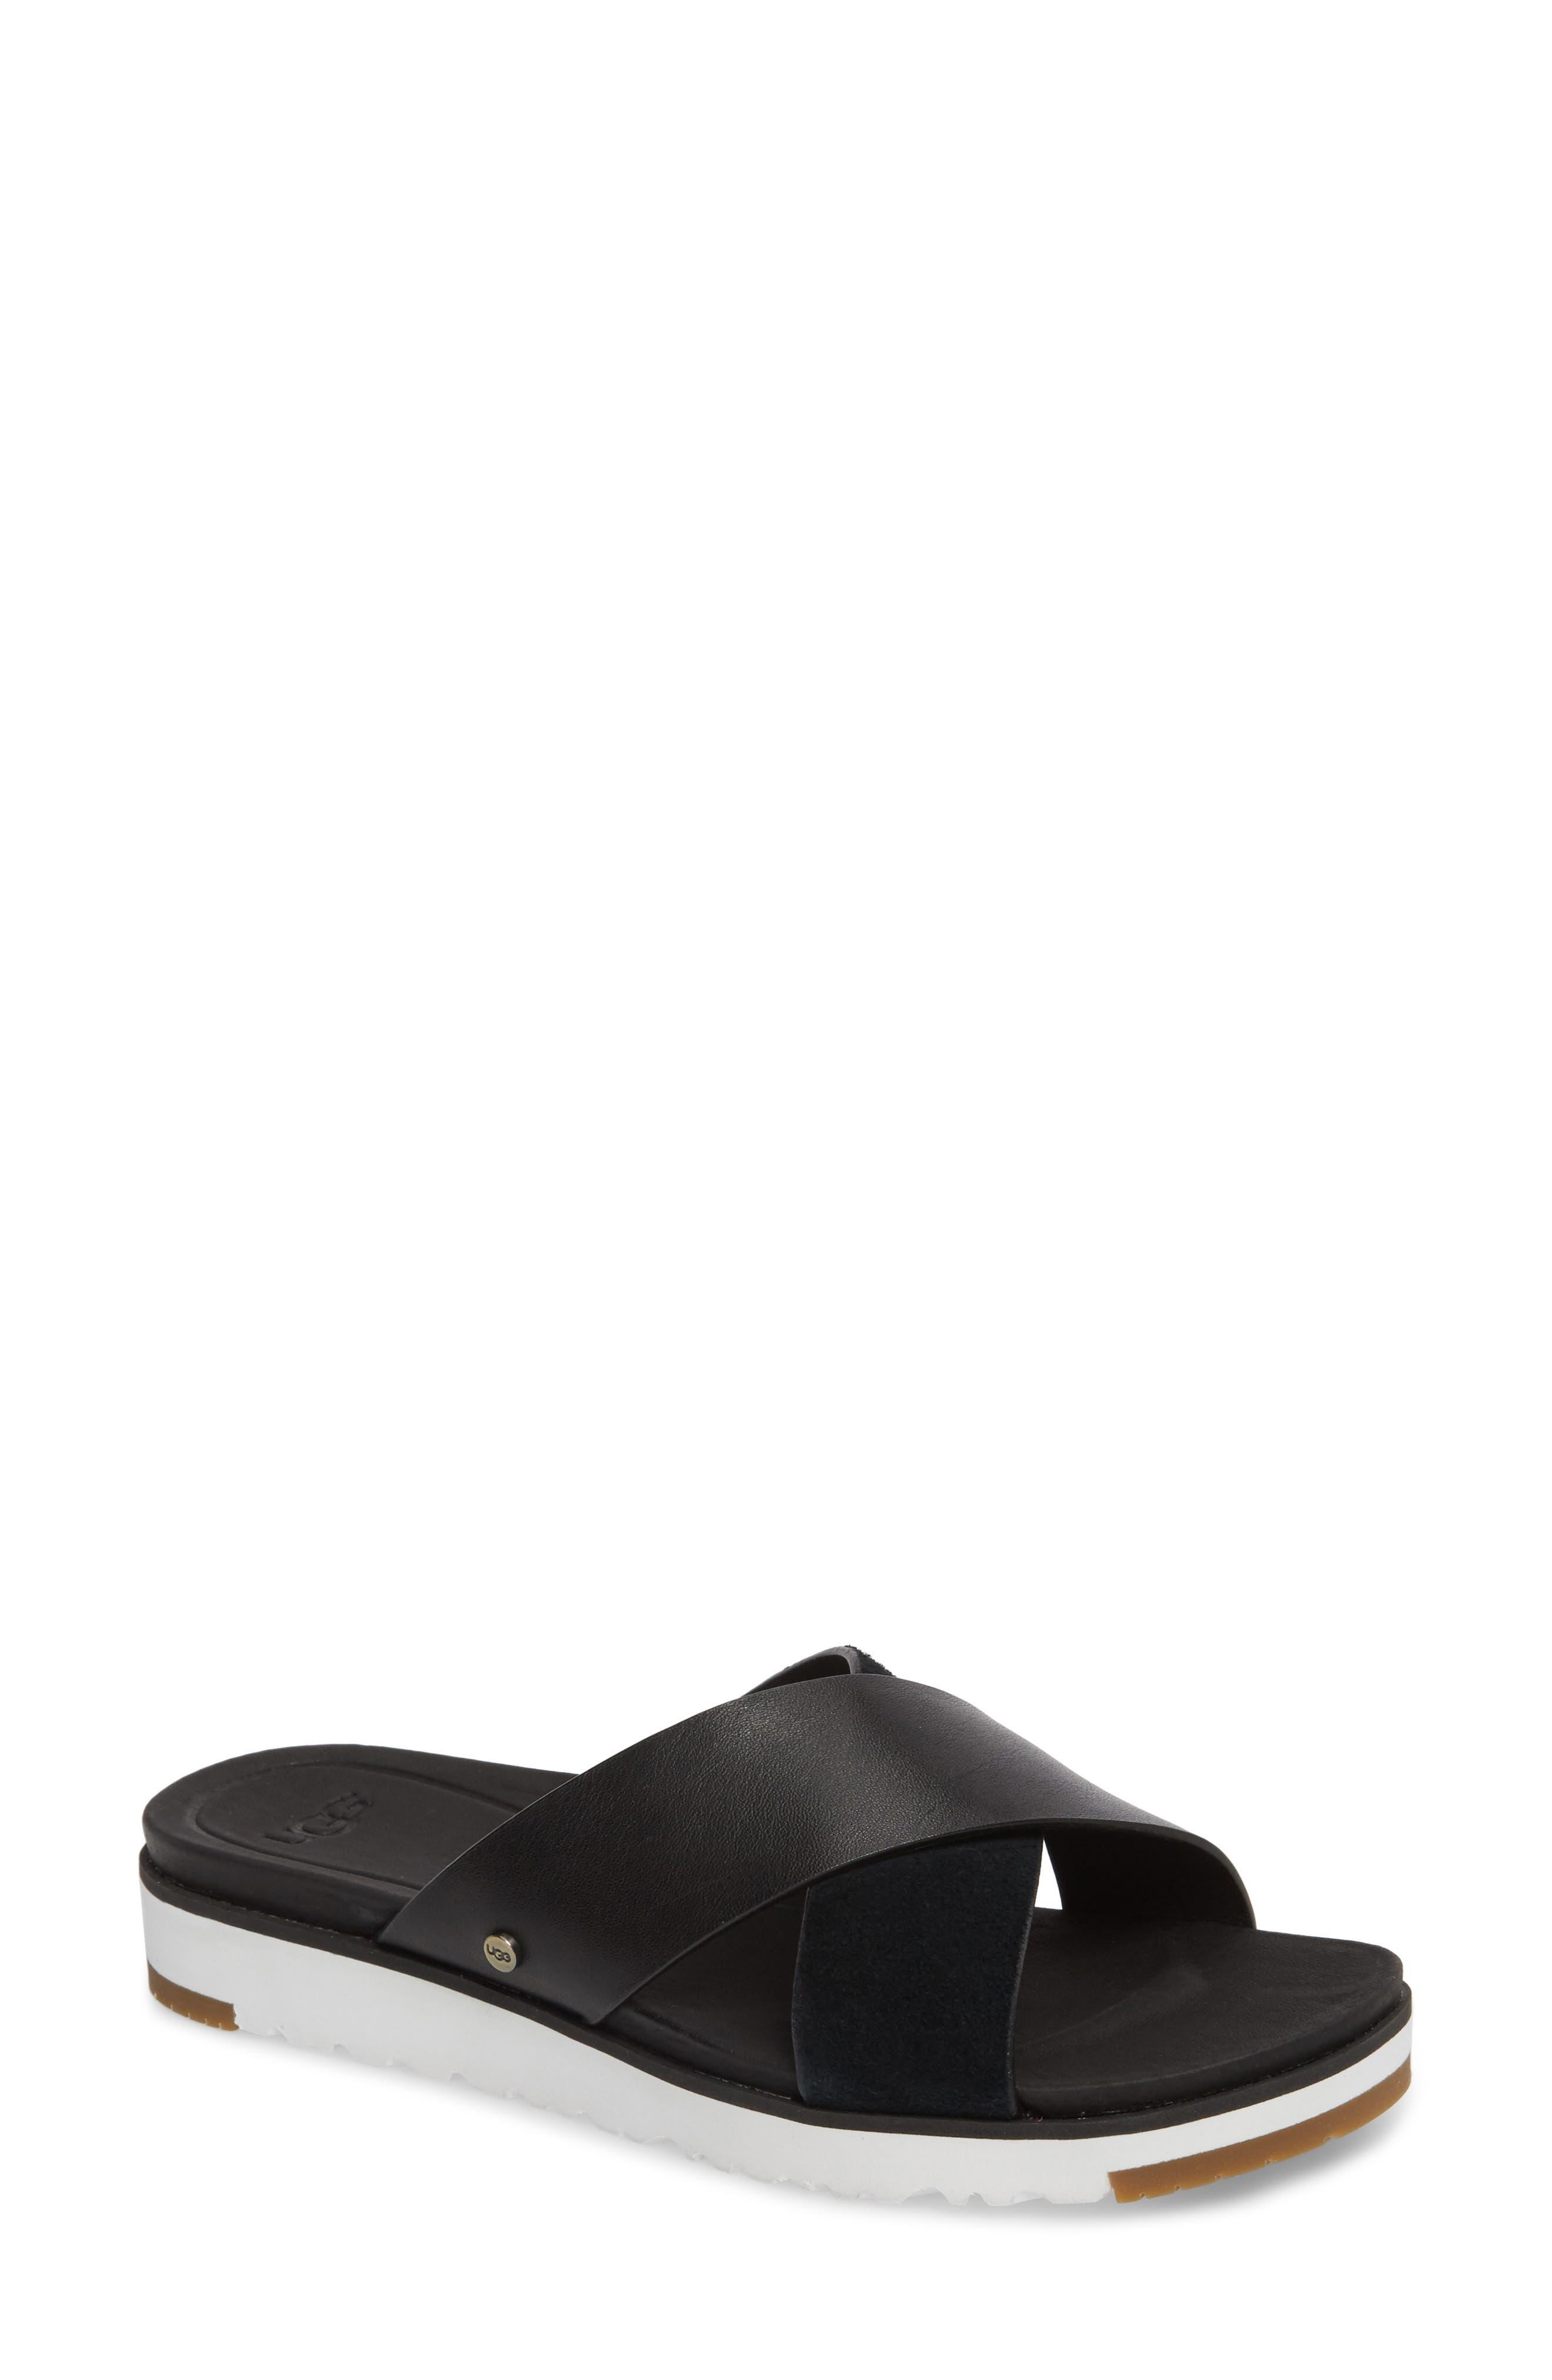 'Kari' Sandal,                             Main thumbnail 1, color,                             BLACK